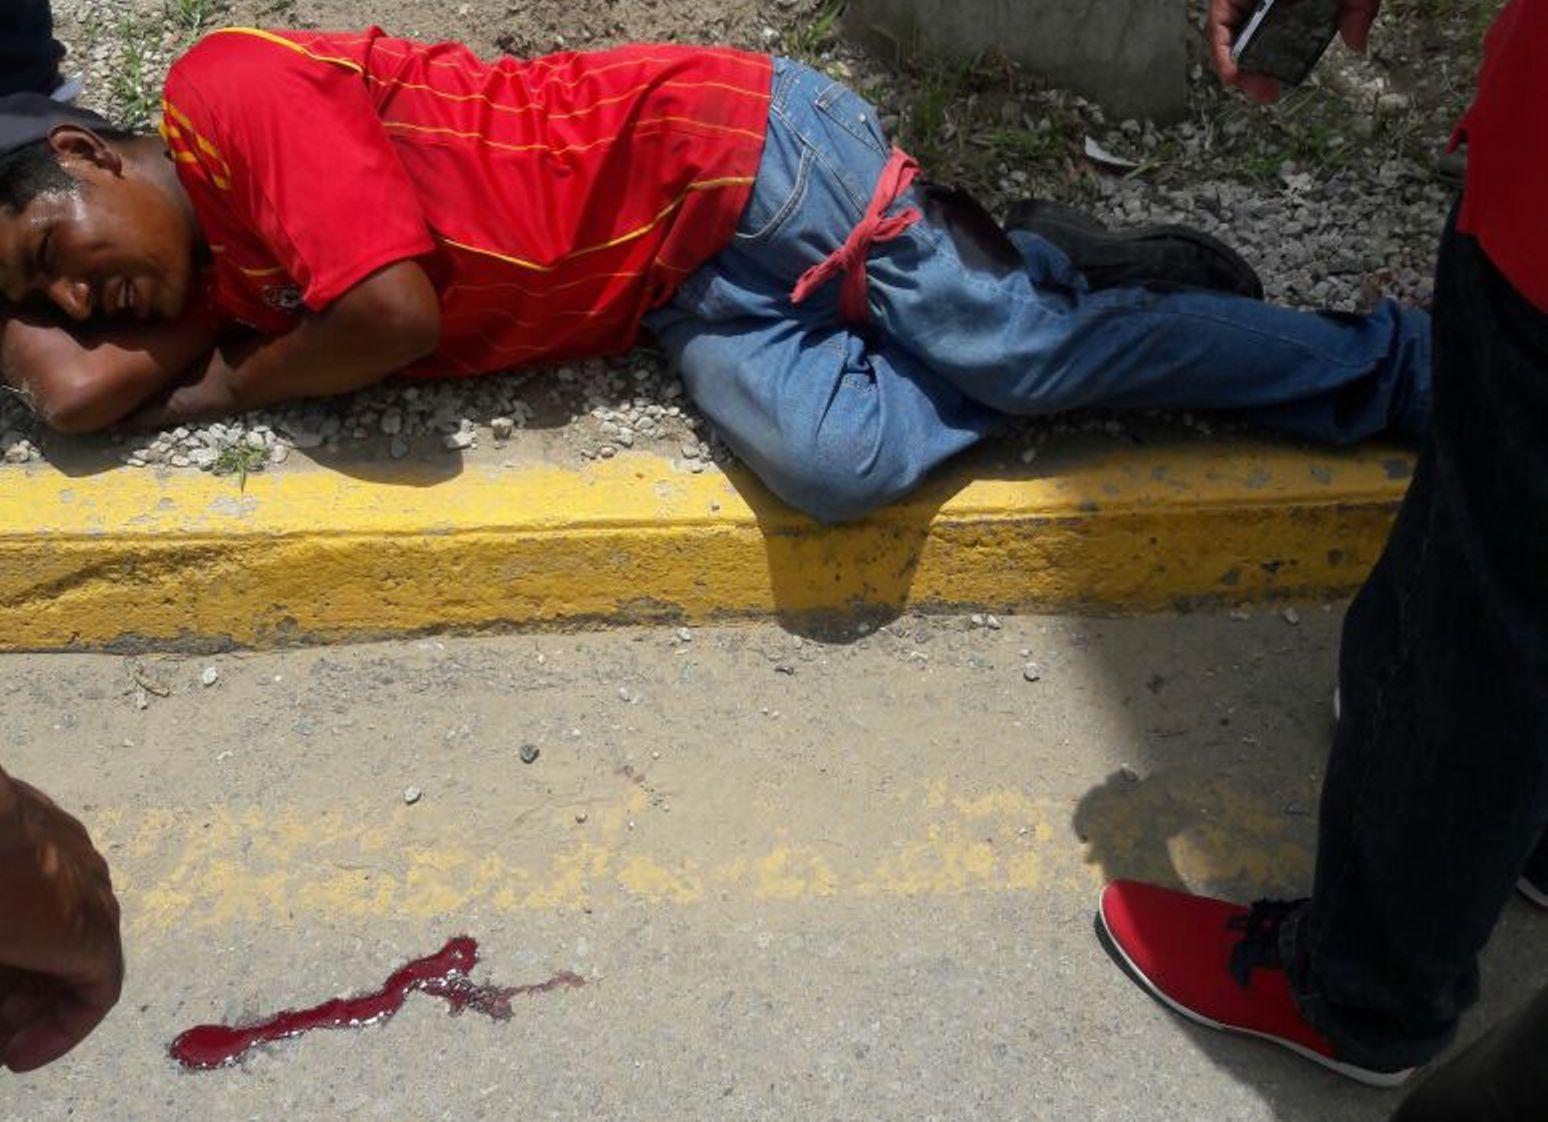 Atacan a navajazos a limpiaparabrisas en  San Antonio de la Cal | El Imparcial de Oaxaca